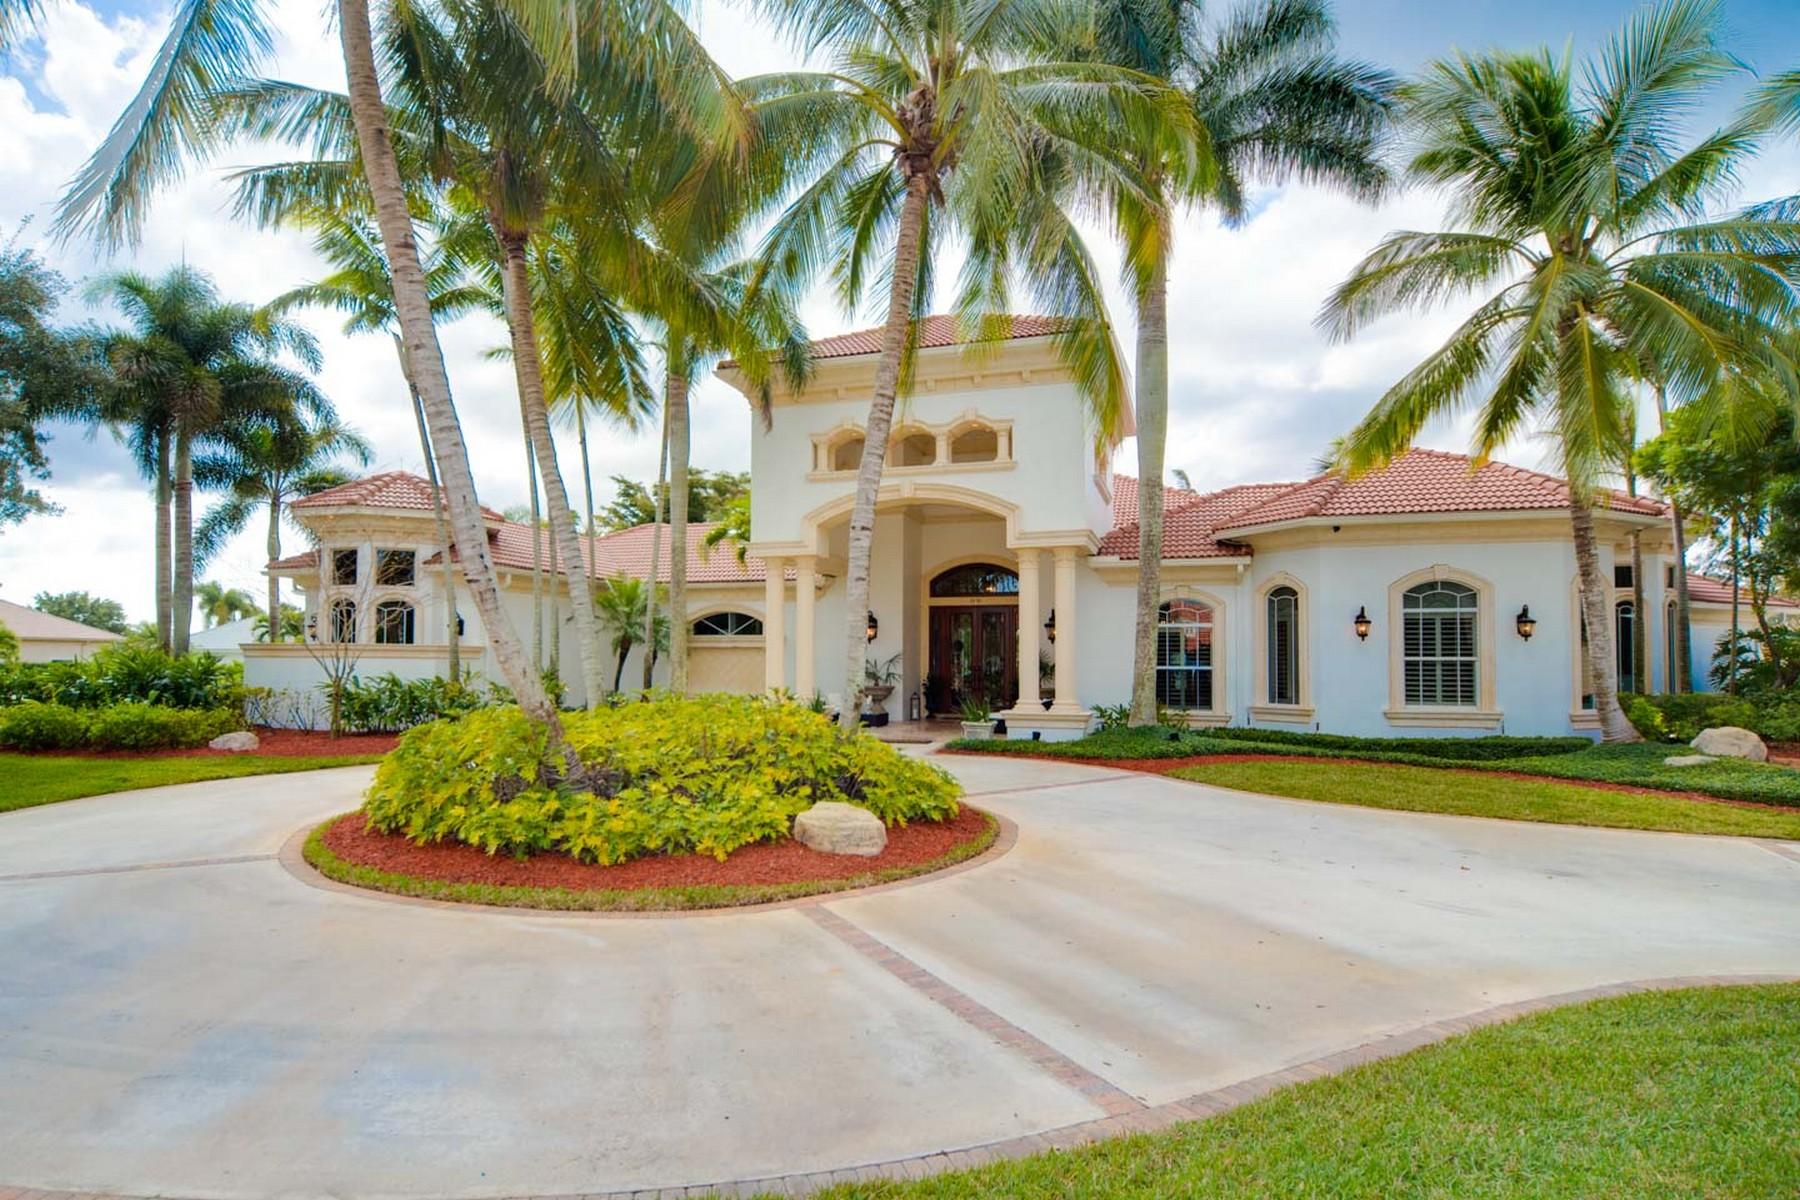 Tek Ailelik Ev için Satış at 2095 Windsock Way Aero Club, Wellington, Florida, 33414 Amerika Birleşik Devletleri